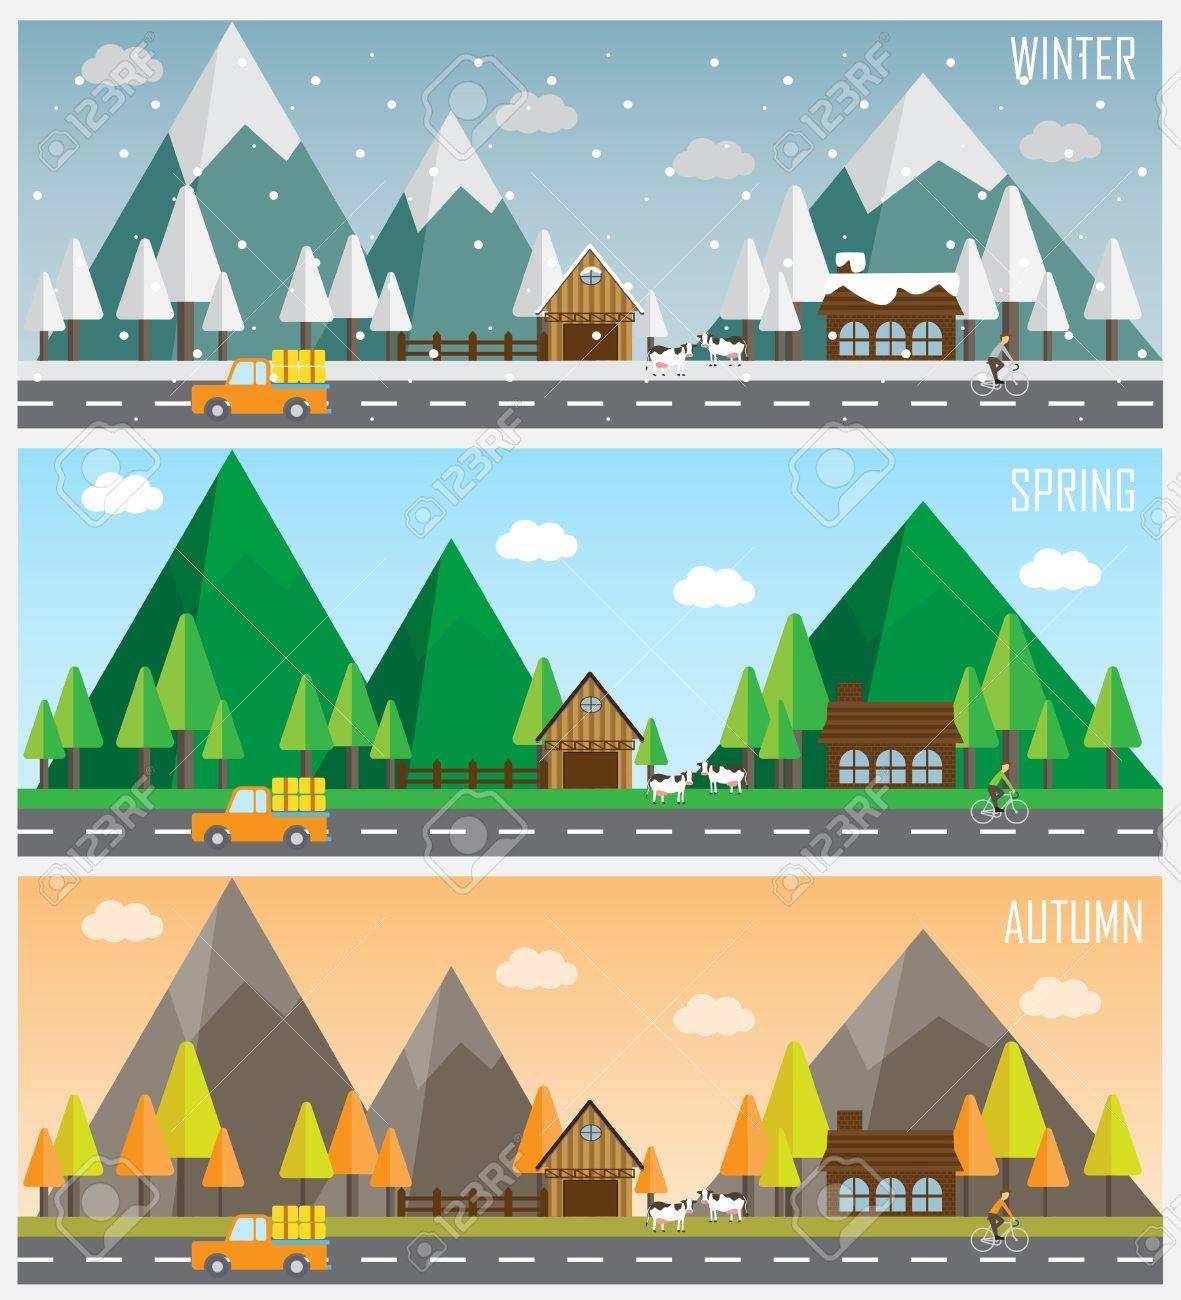 1db949f6369c Varias paisaje urbano de hermosos paisajes naturales en otro momento del  año - invierno, primavera, otoño, planeta concepto de ciclo de vida en la  ...